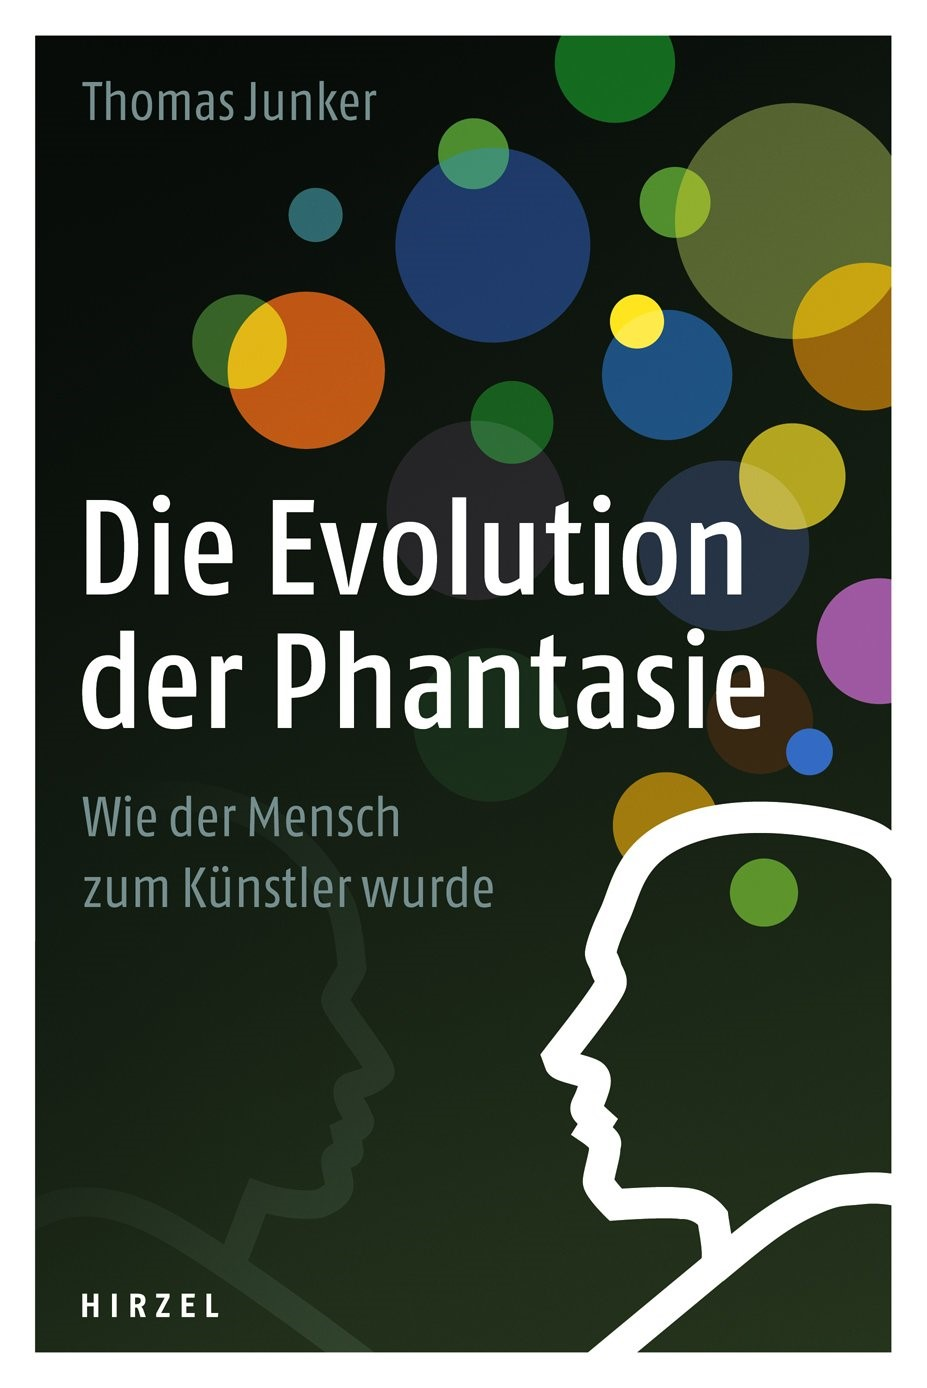 Die Evolution der Phantasie | Junker, 2013 | Buch (Cover)